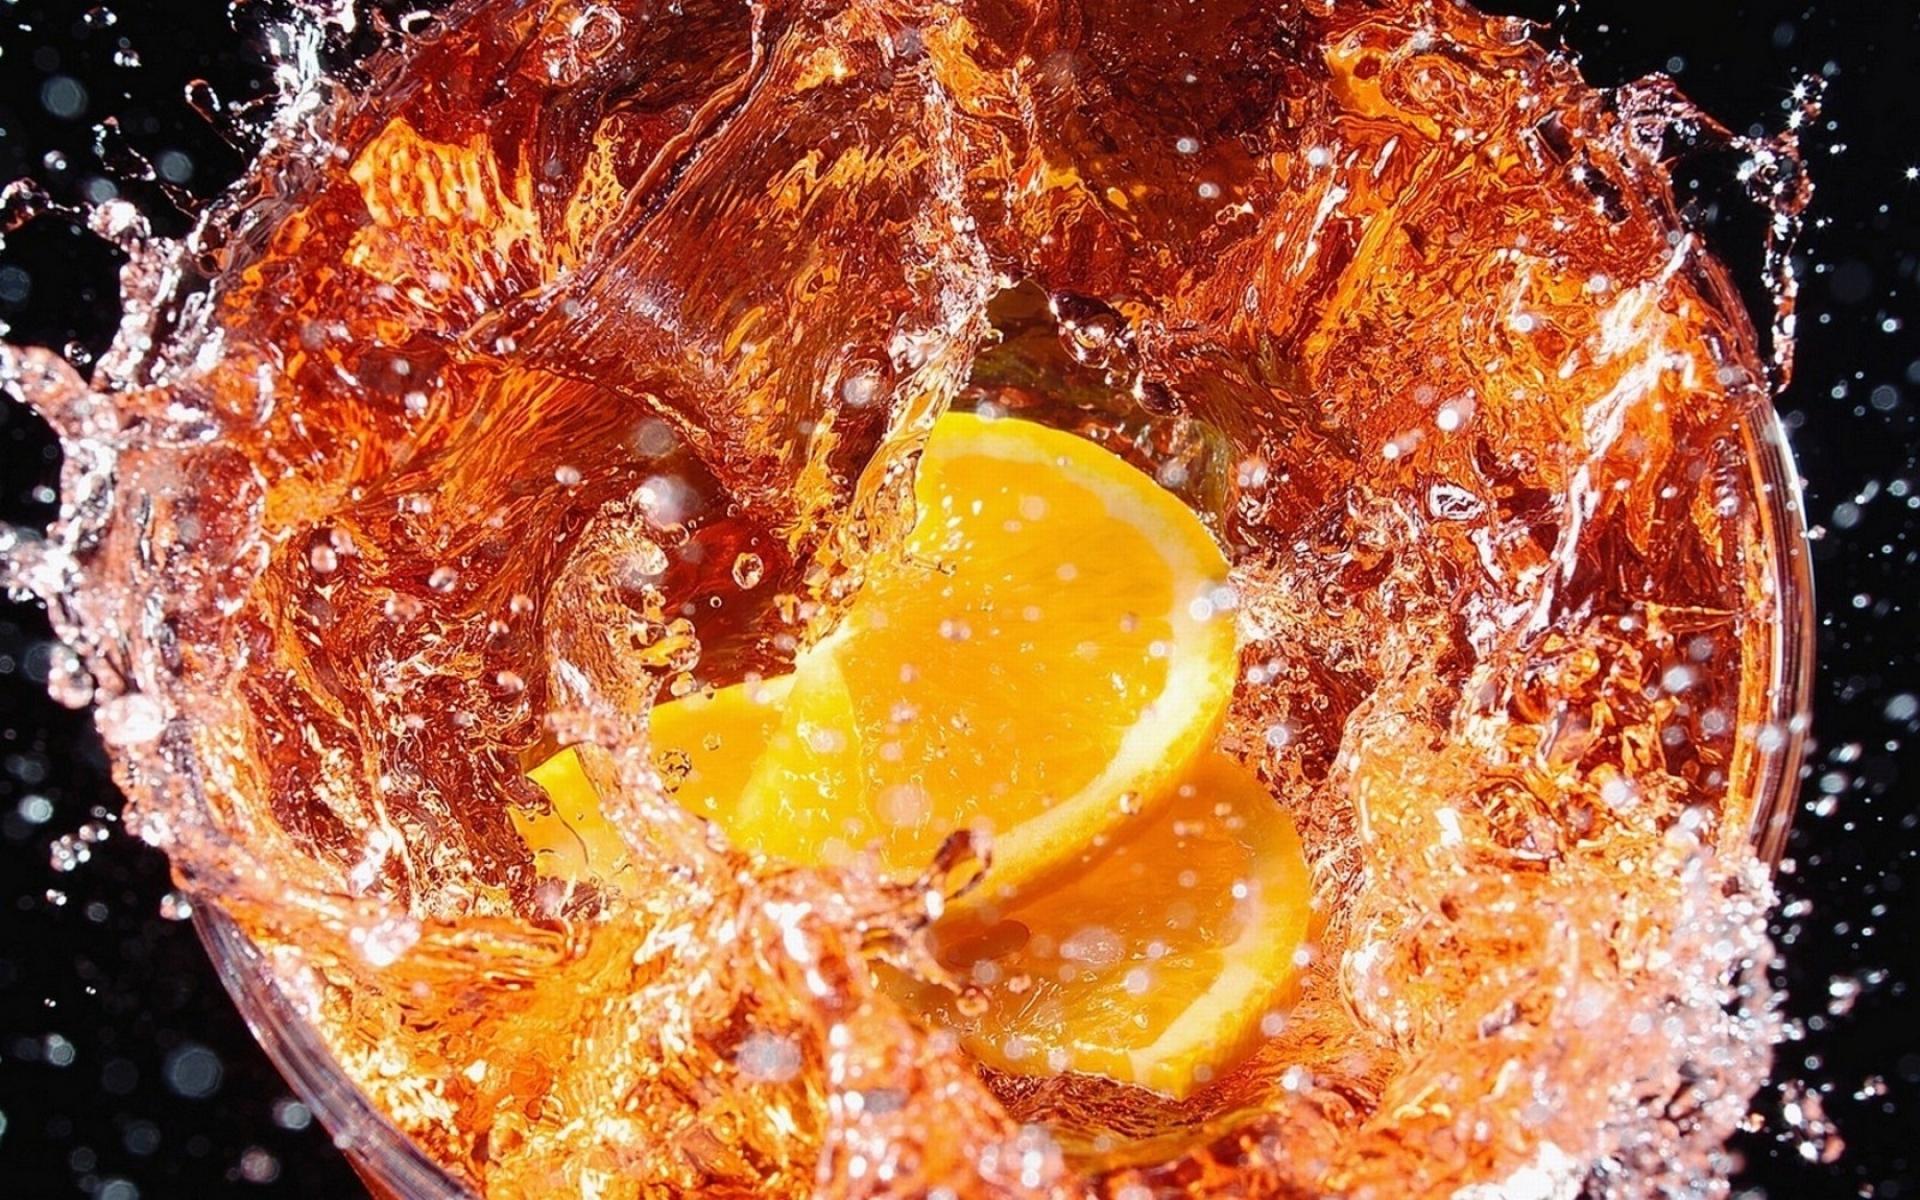 Дольки лимона в стакане  № 3698189 загрузить